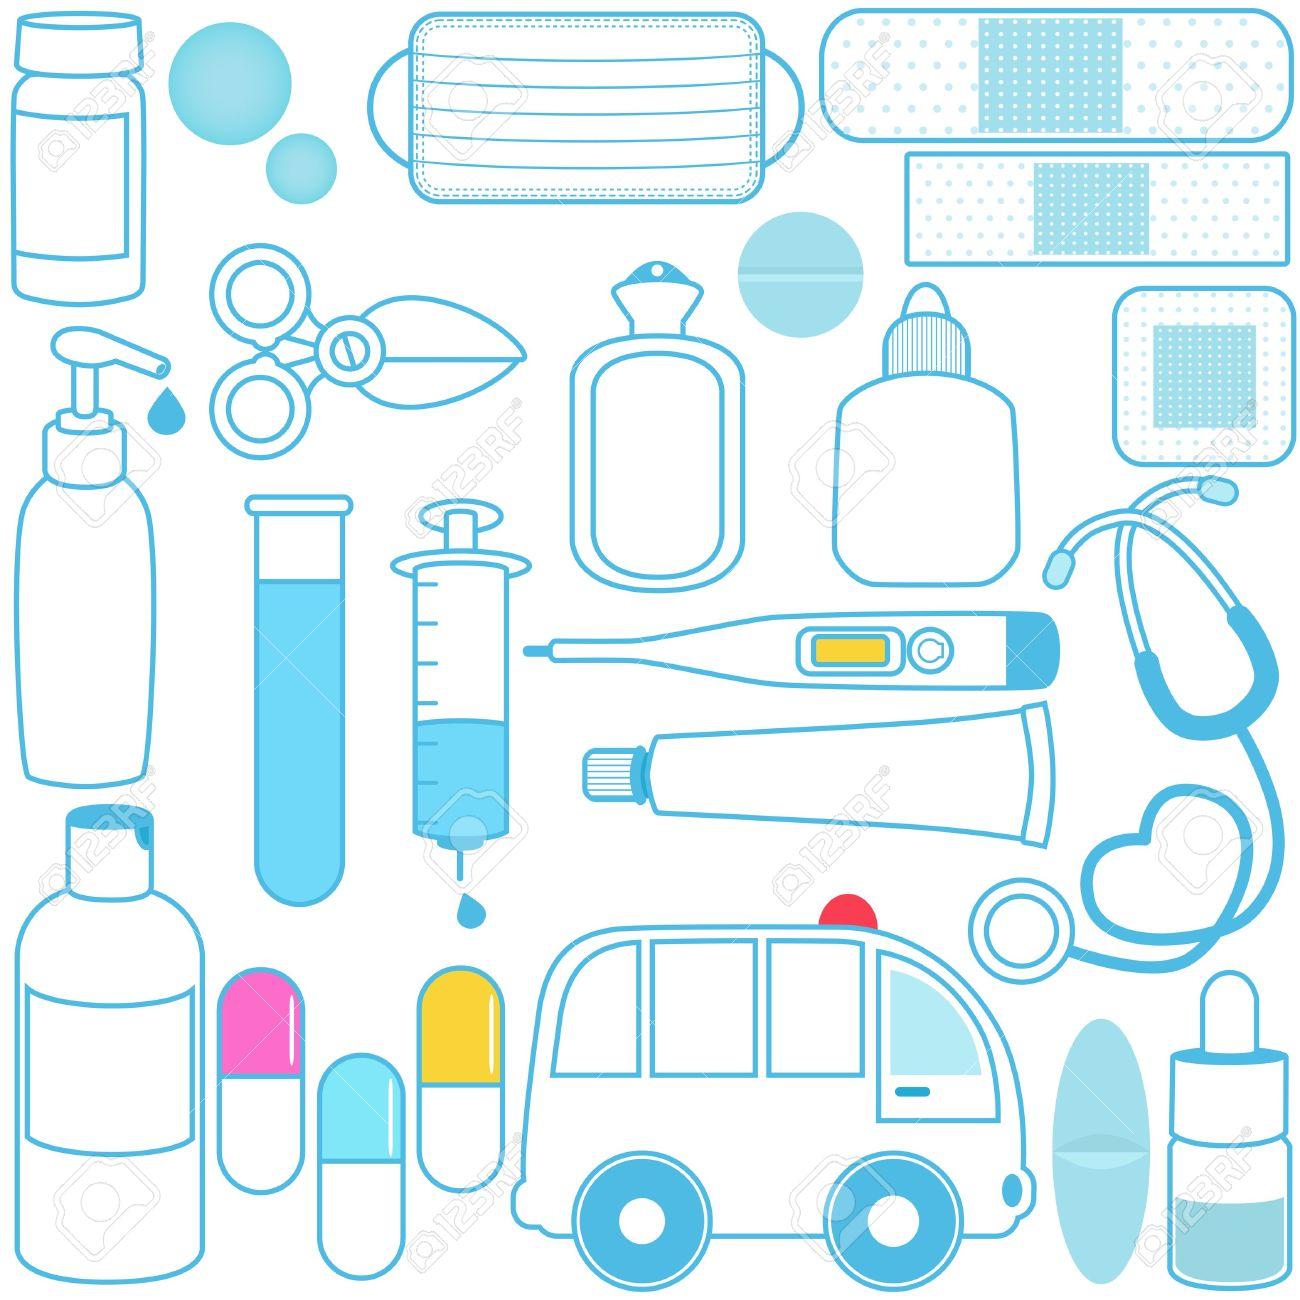 Cute Vector Icons: Medicines, Pills, Medical Equipments, Blue.